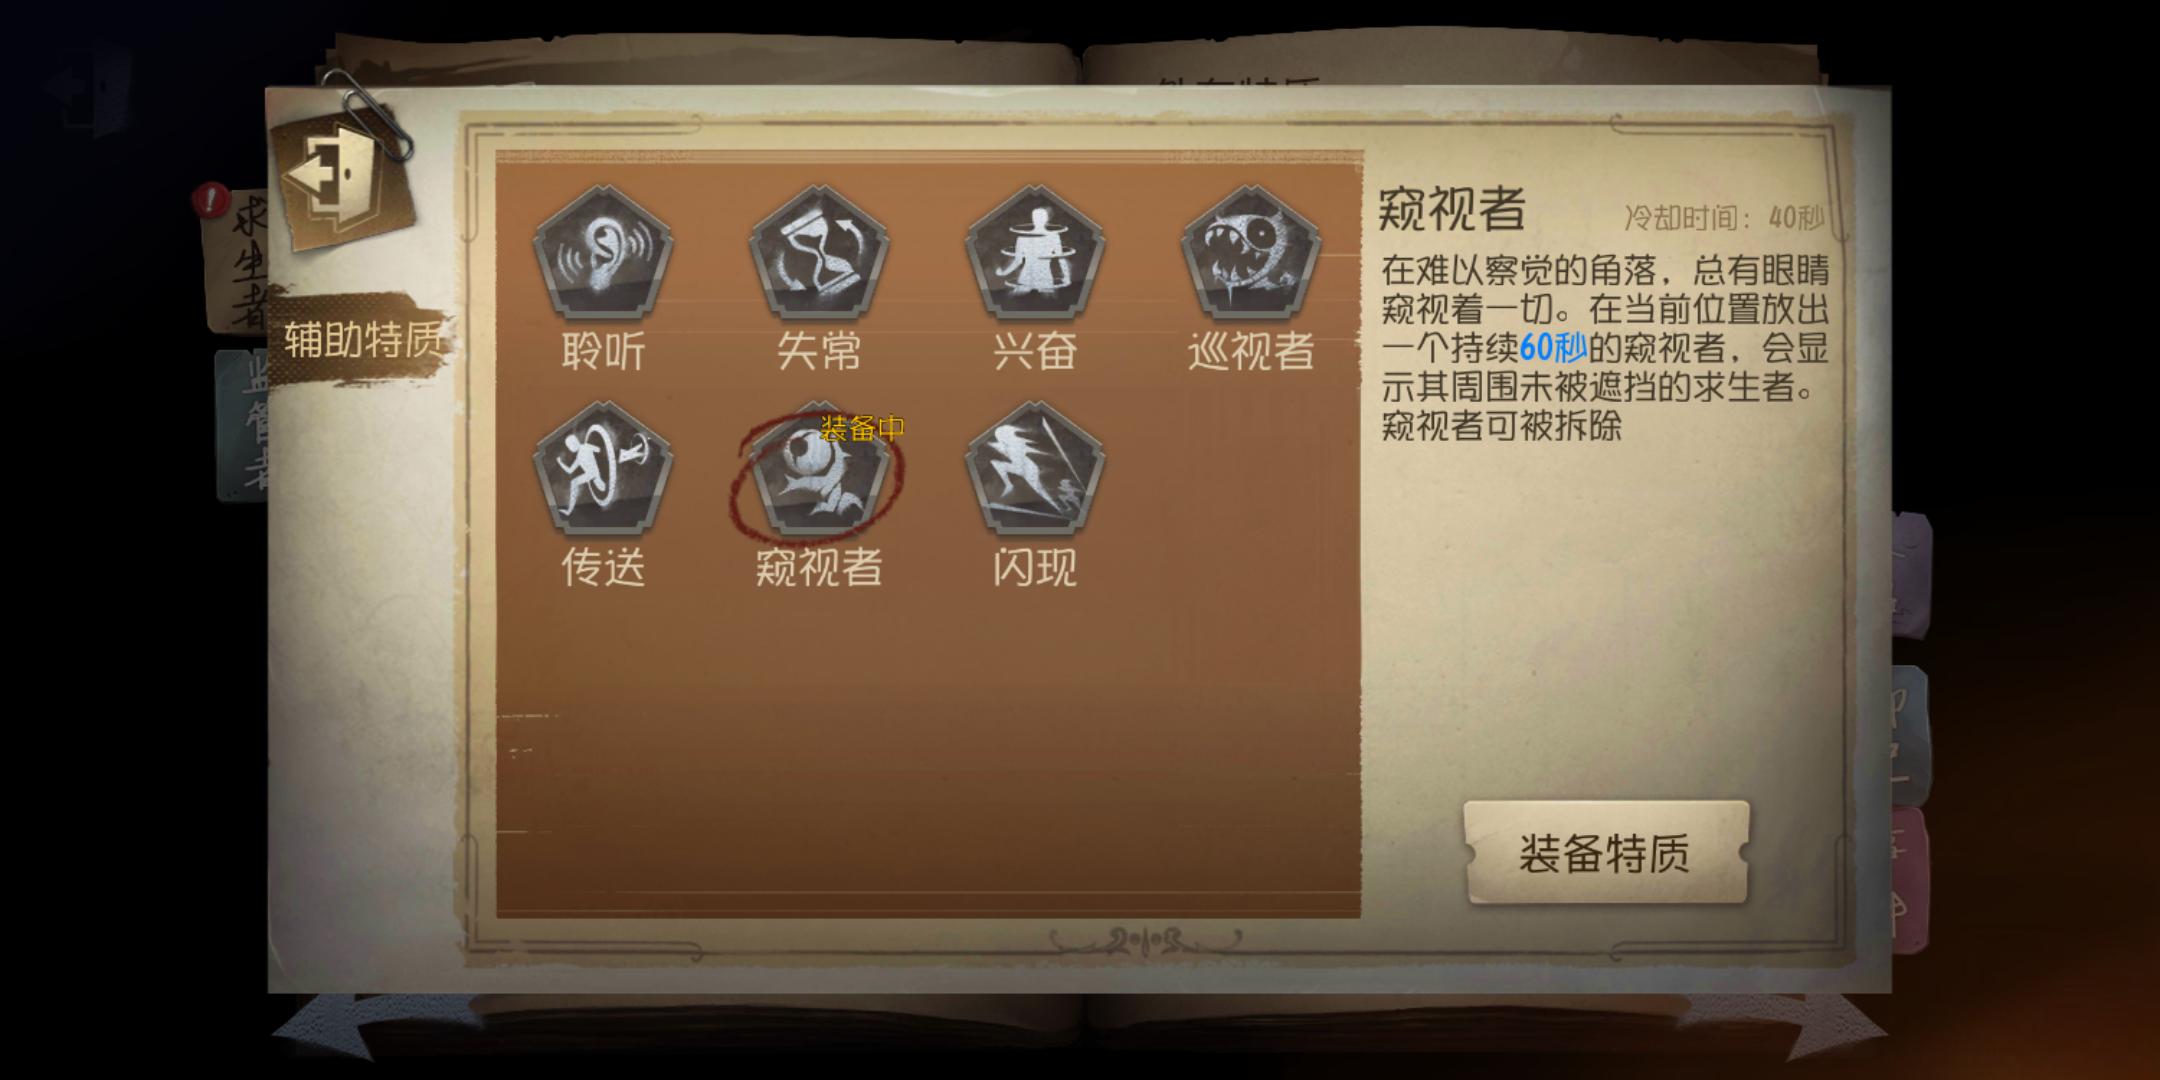 Screenshot_2018-06-11-18-37-41-506_com.netease.dw.png